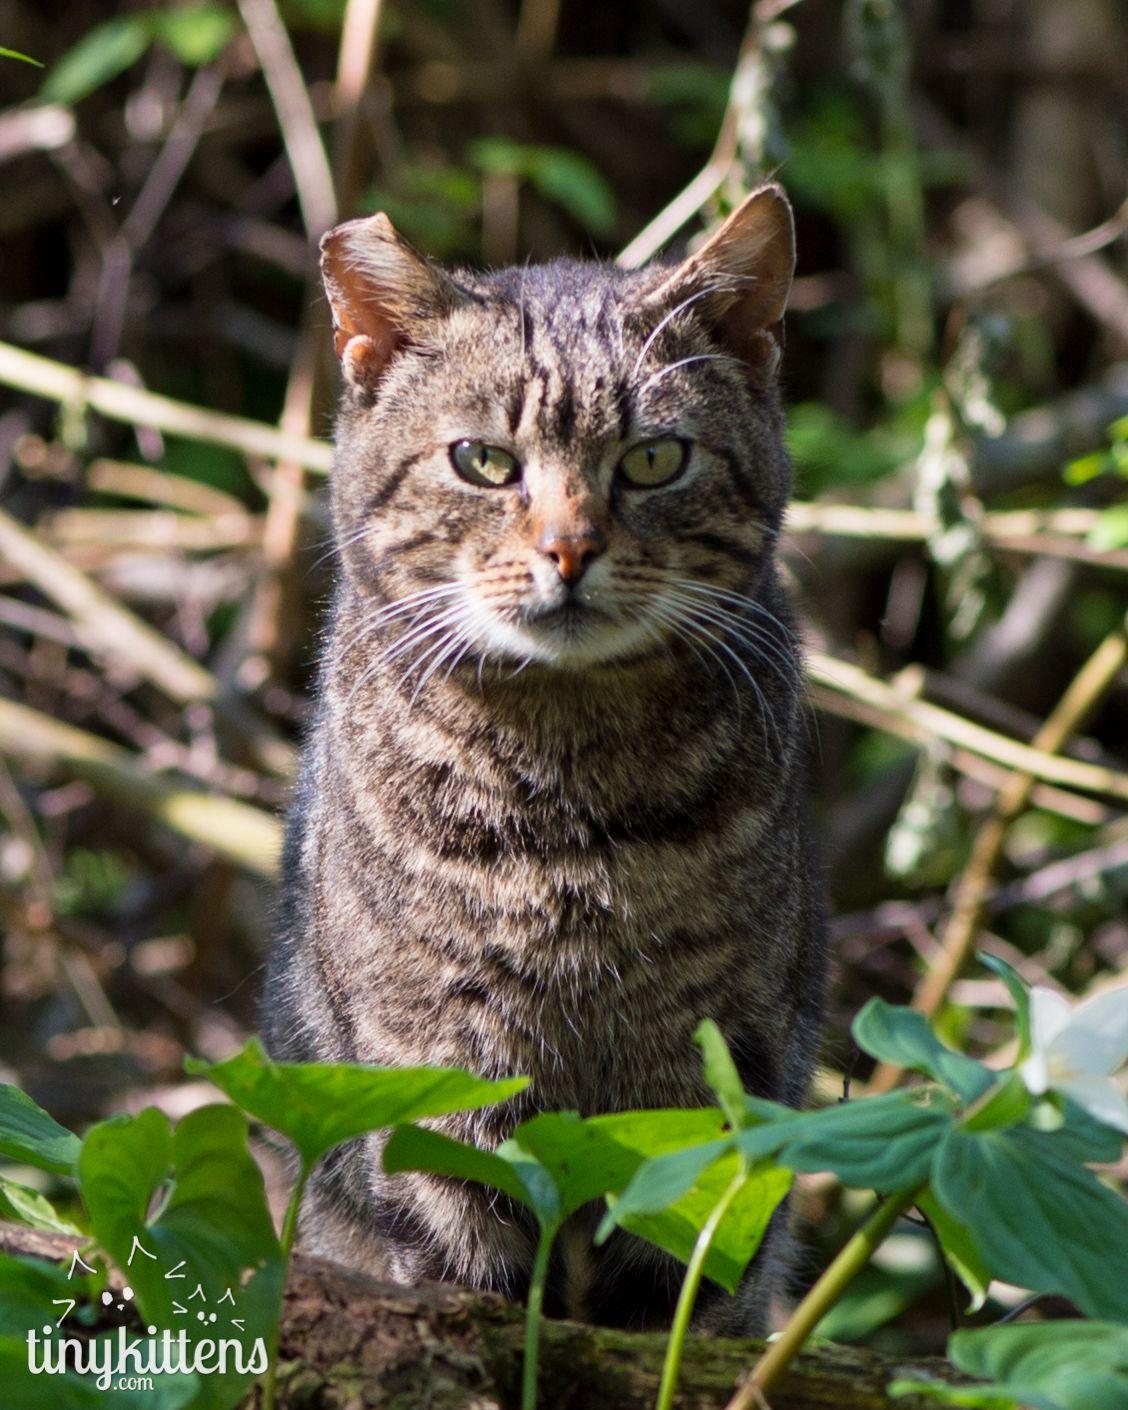 Manway Wilde katzen, Wildkatzen, Katzen